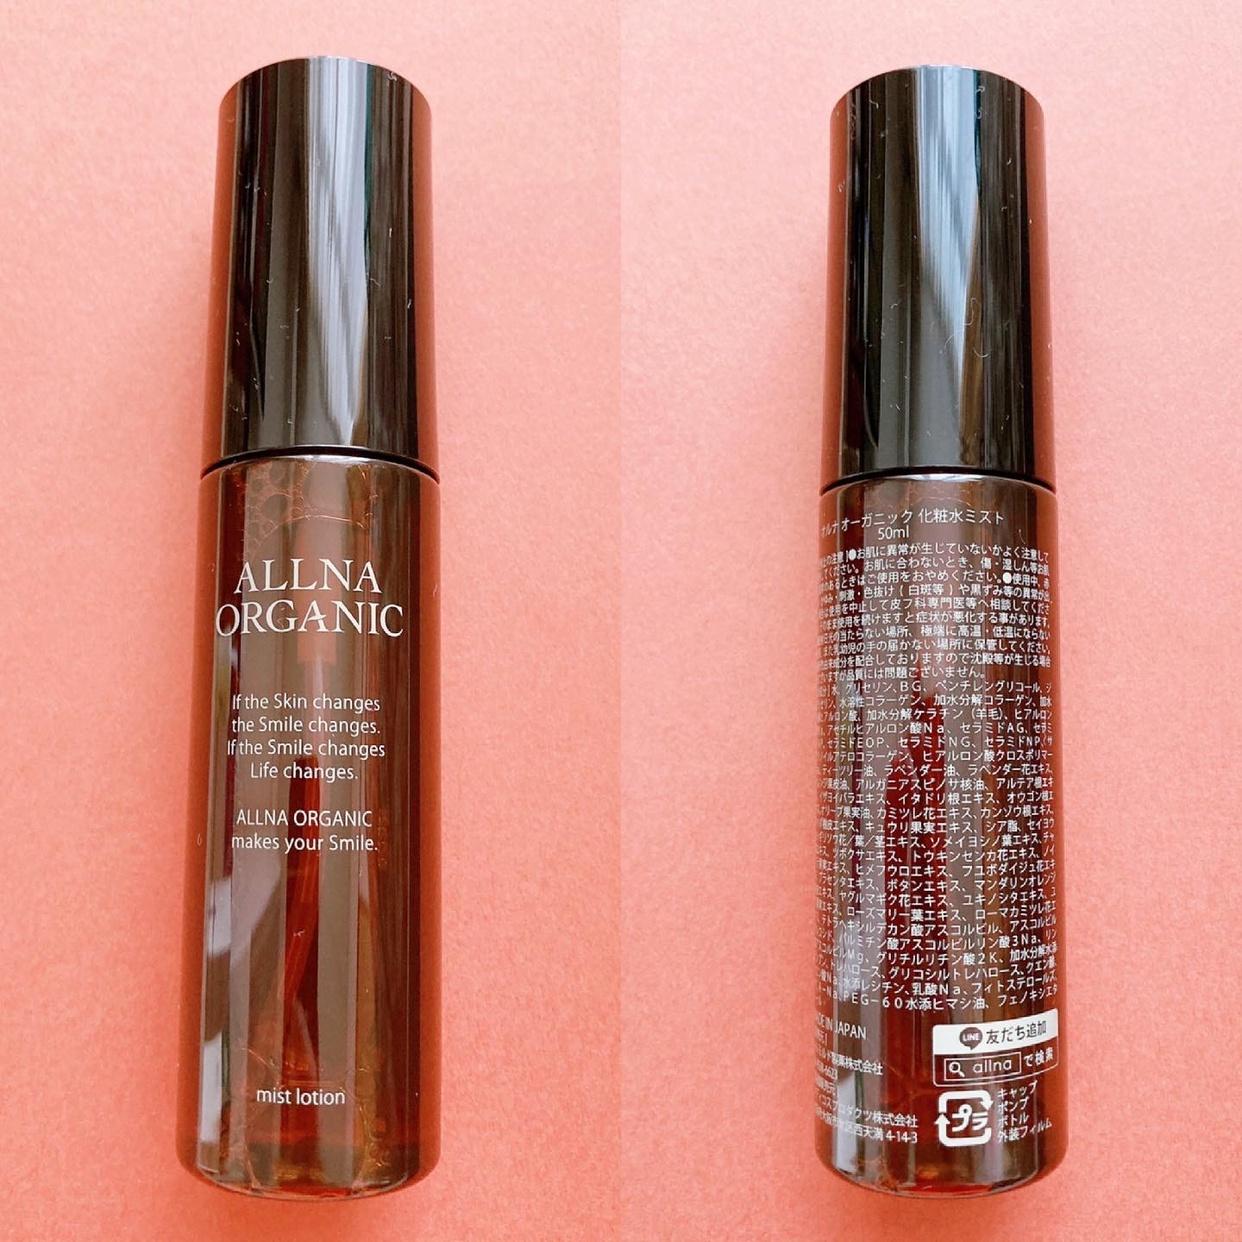 ALLNA ORGANIC(オルナ オーガニック) 化粧水ミストを使ったyunaさんのクチコミ画像2